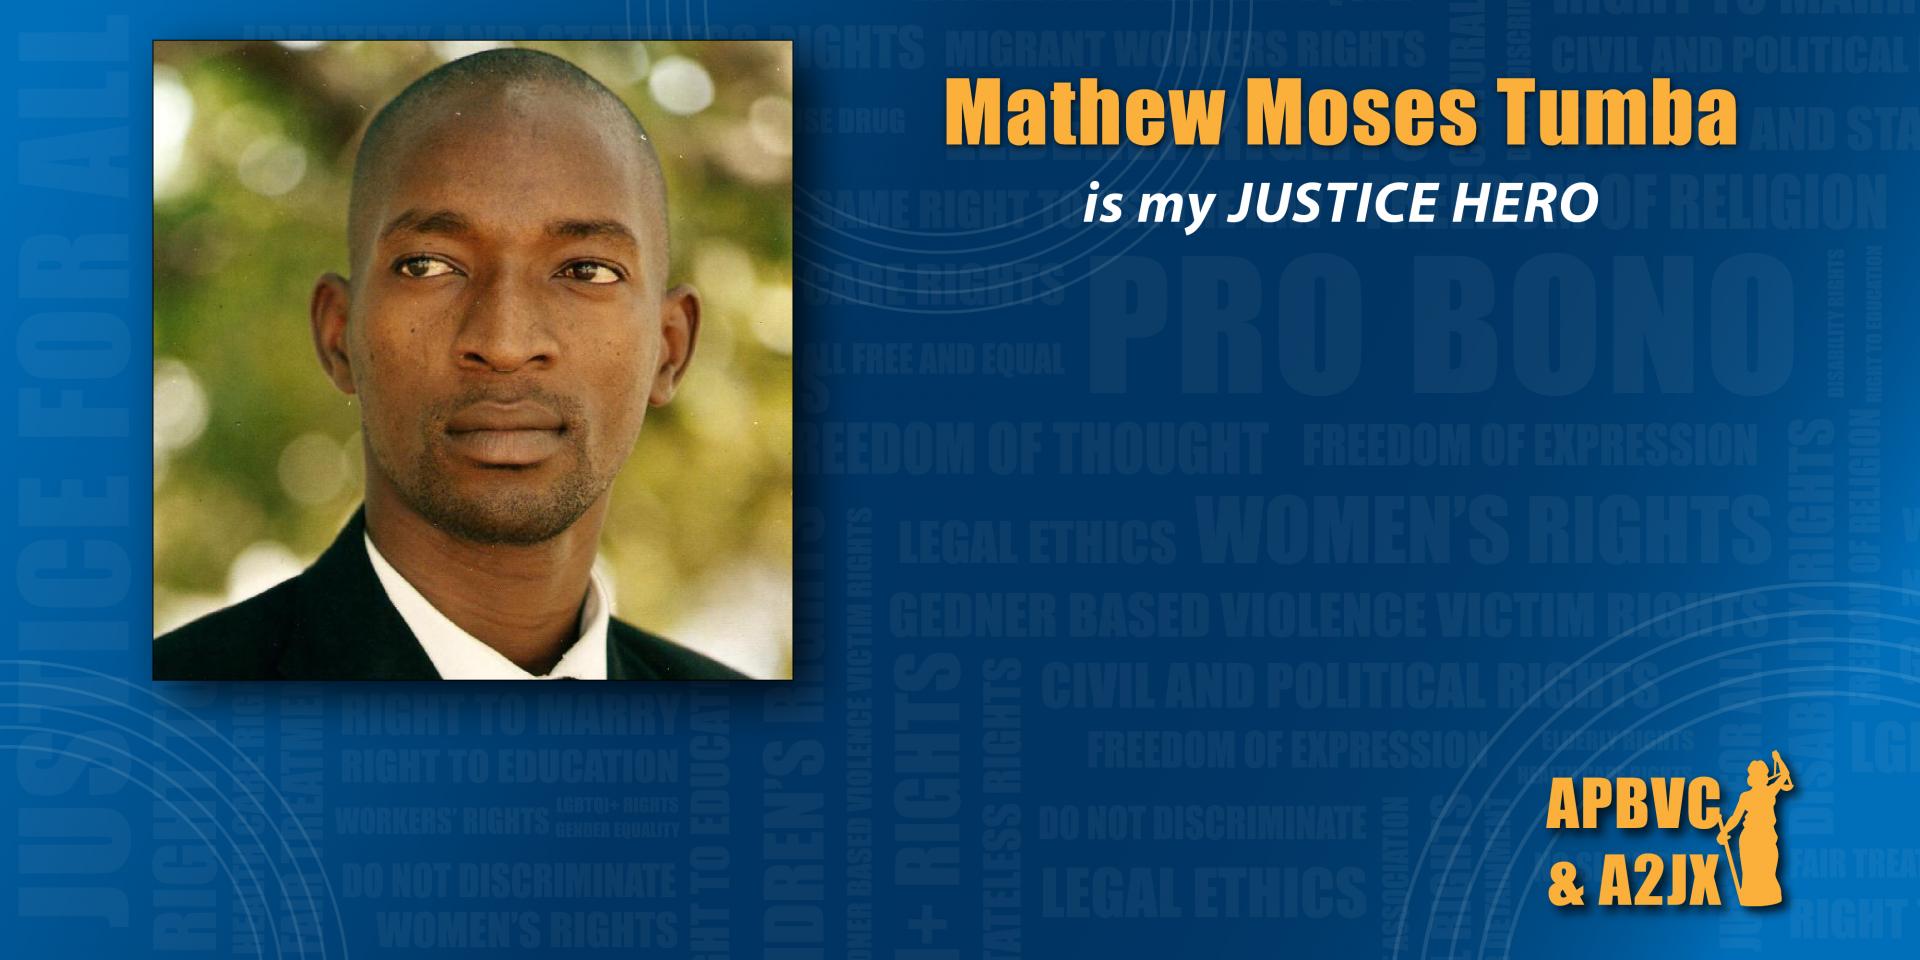 Mathew Moses Tumba